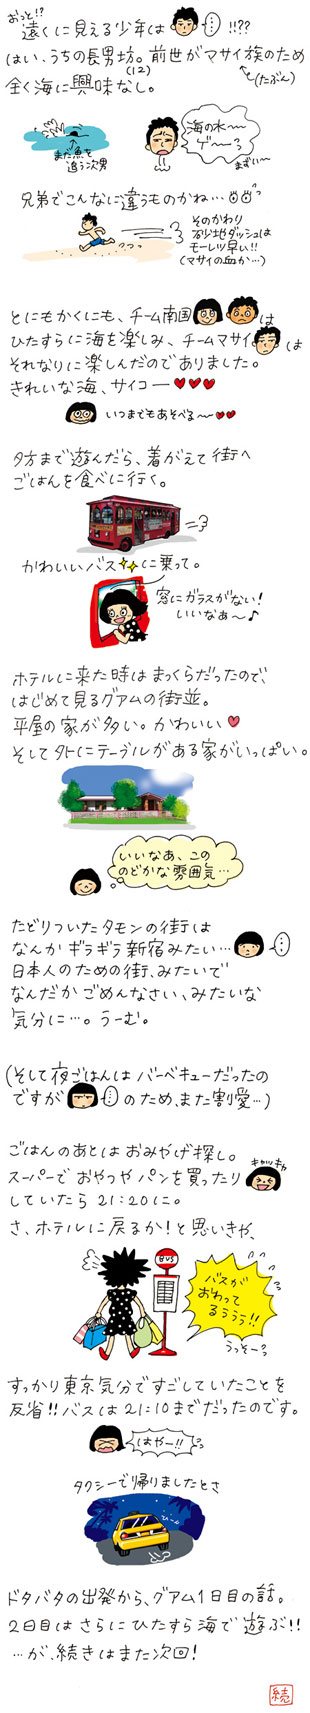 yuka3_d.jpg